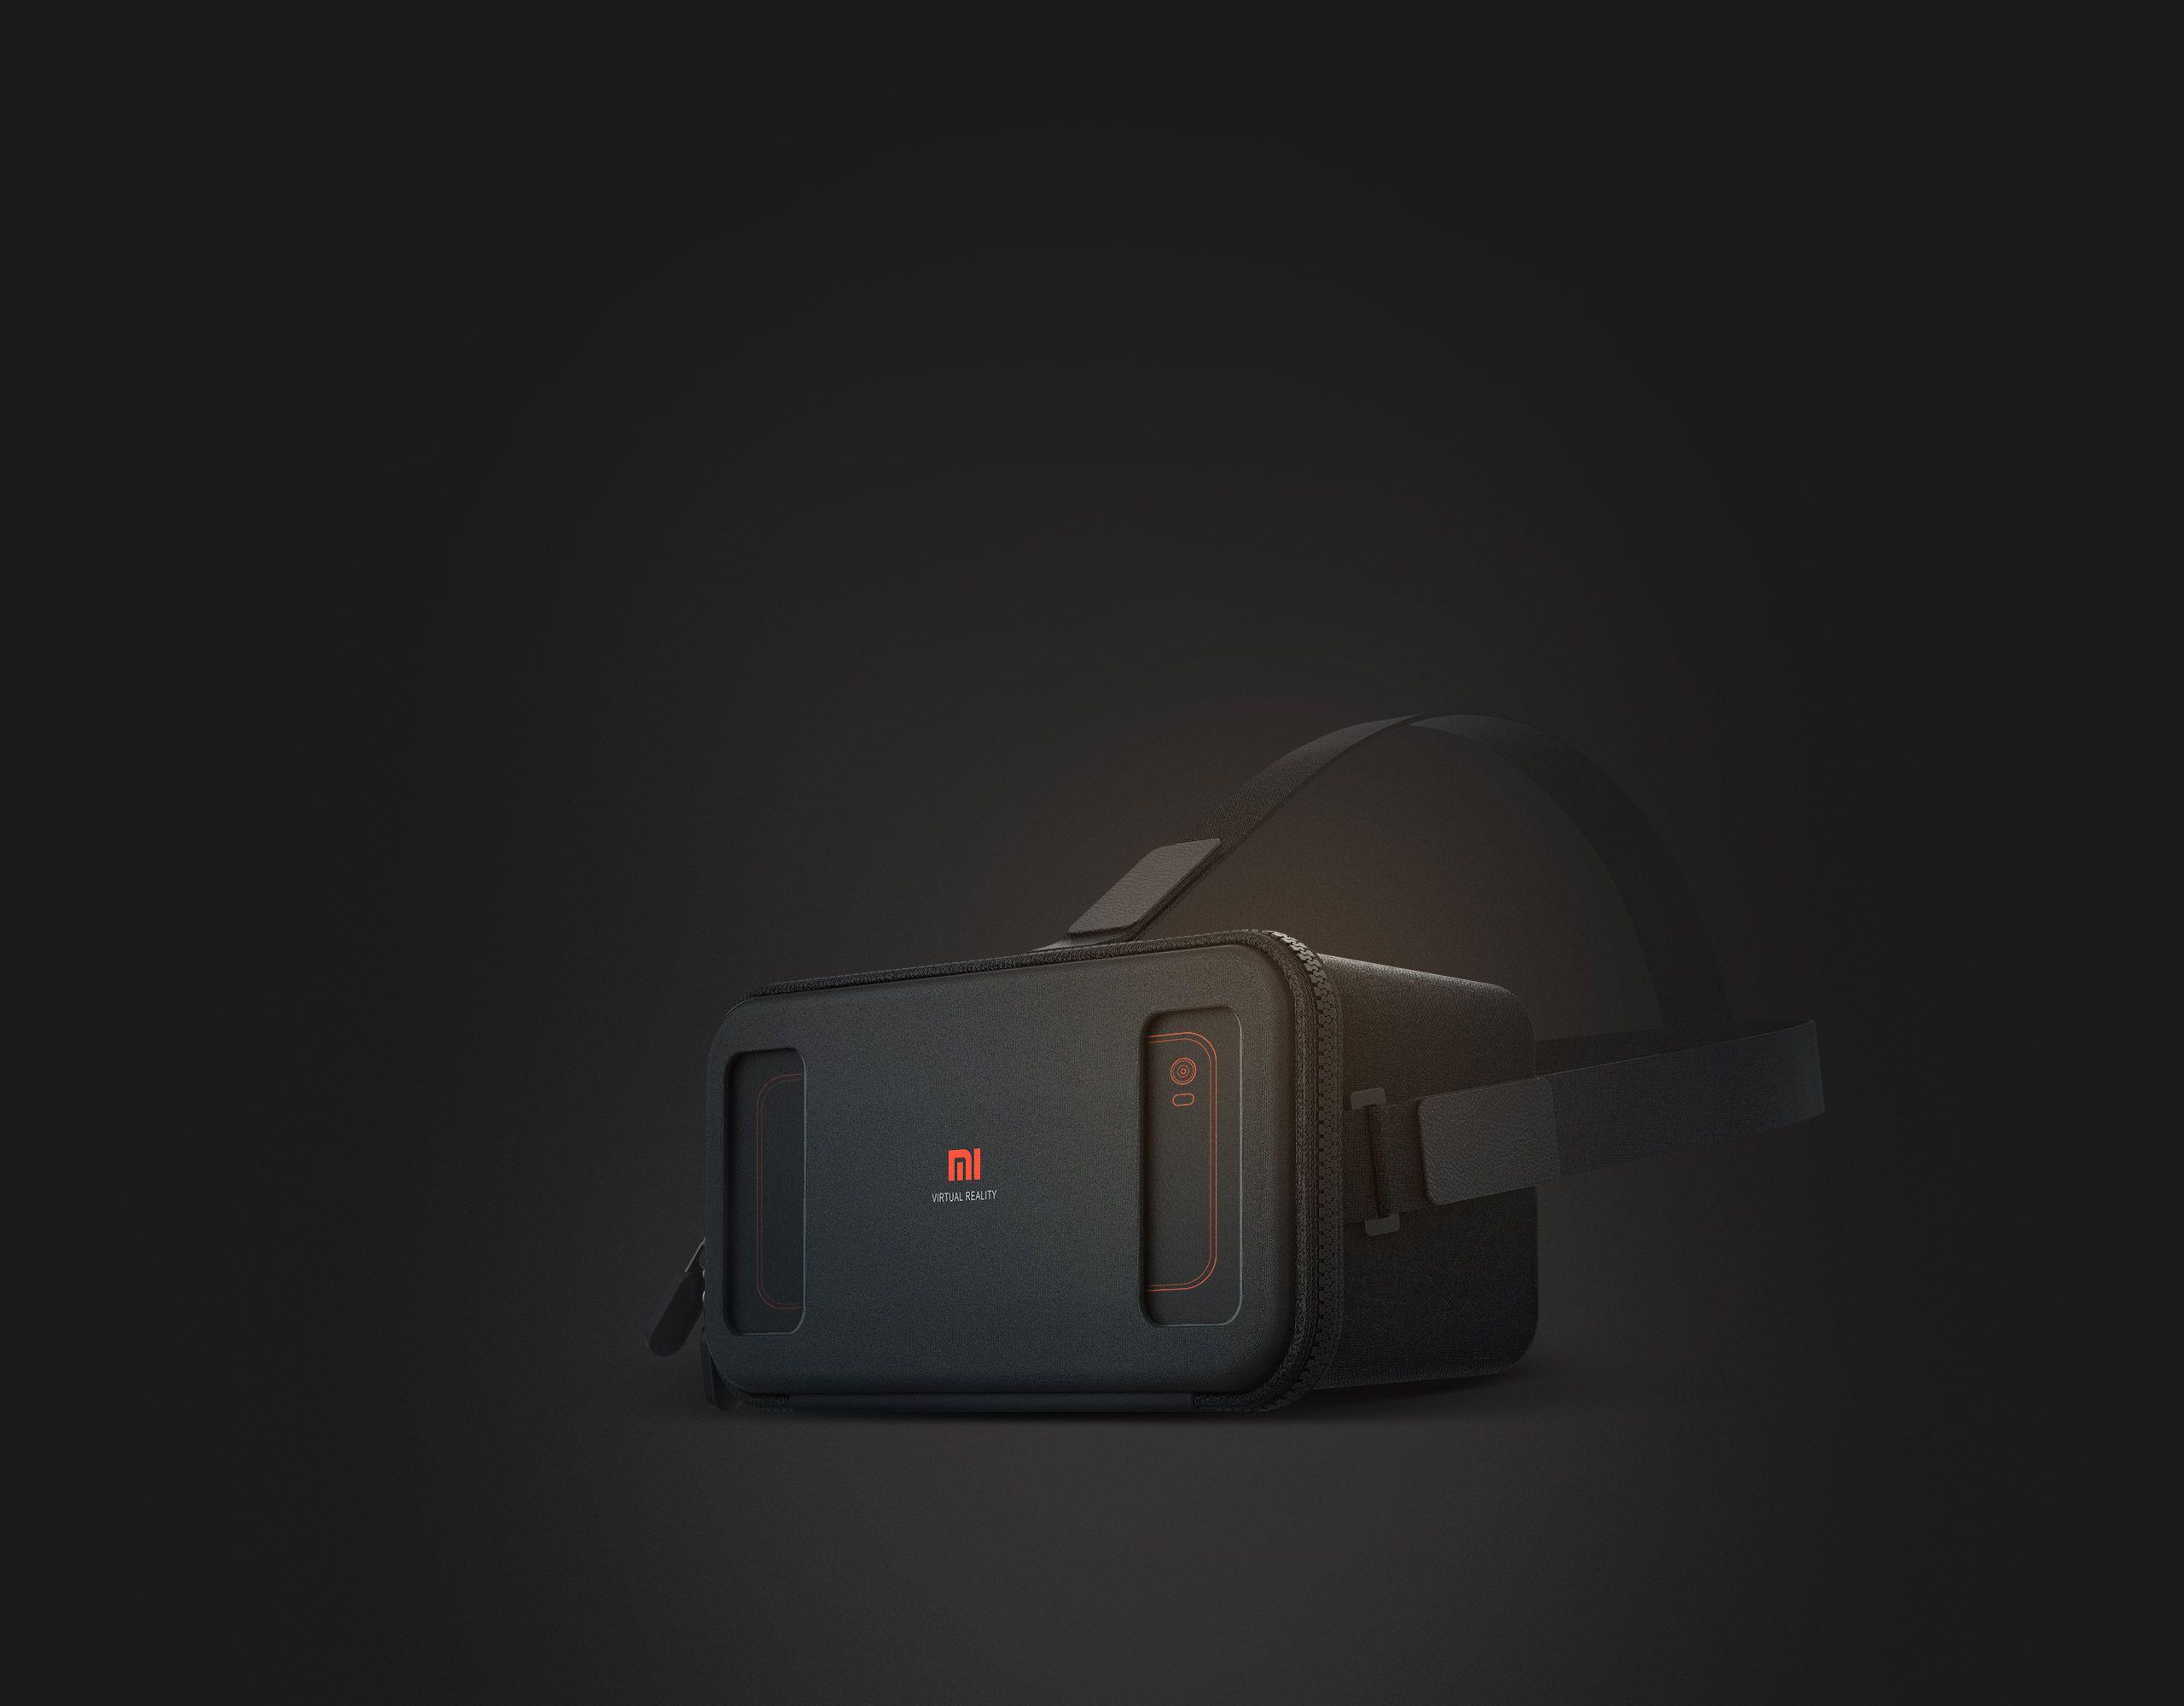 Cómo comprar Xiaomi VR por menos de 20 euros con este cupón